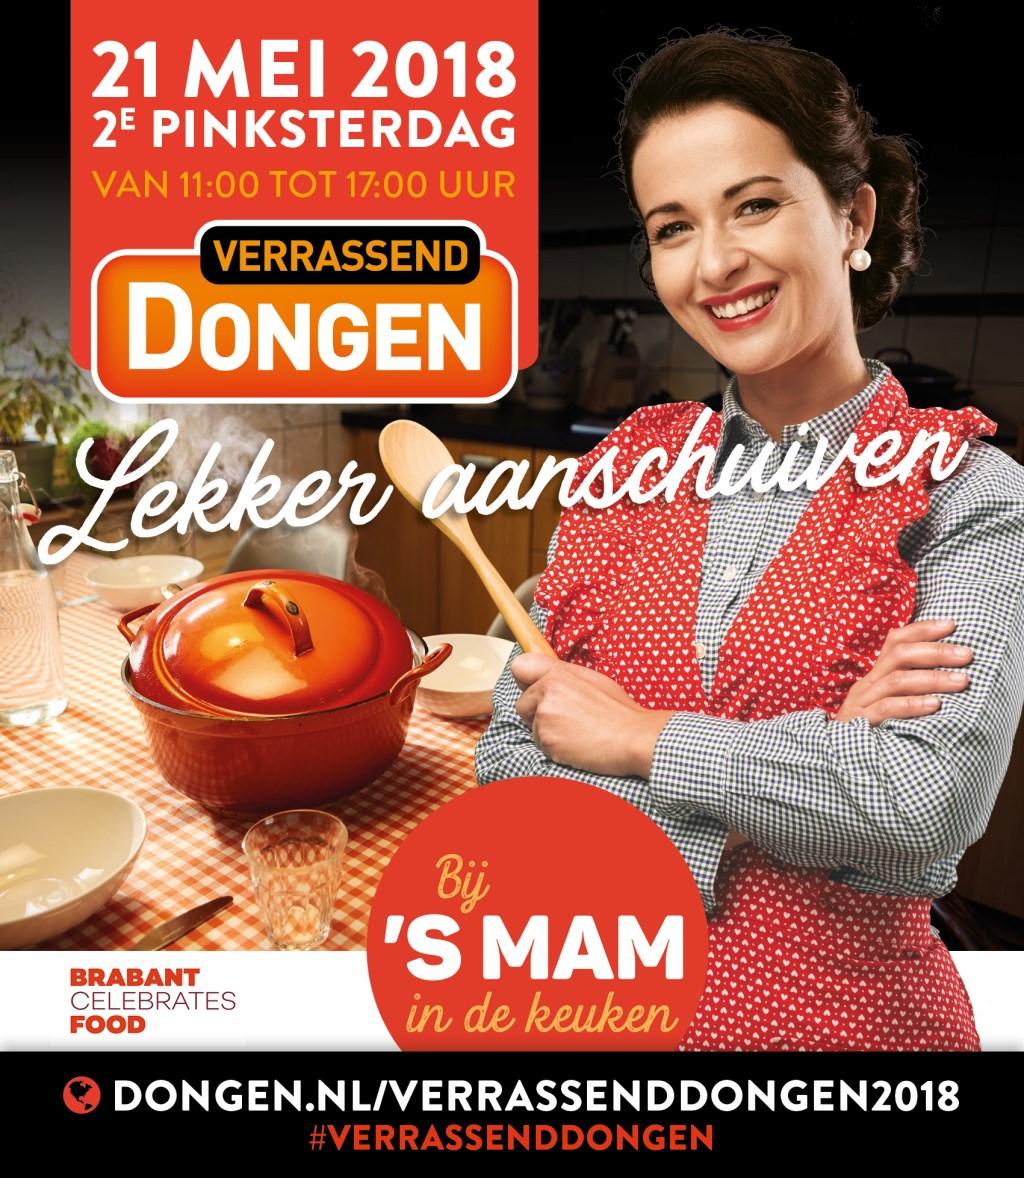 Op de website www.dongen.nl/verrassenddongen2018 staat meer informatie over het programma